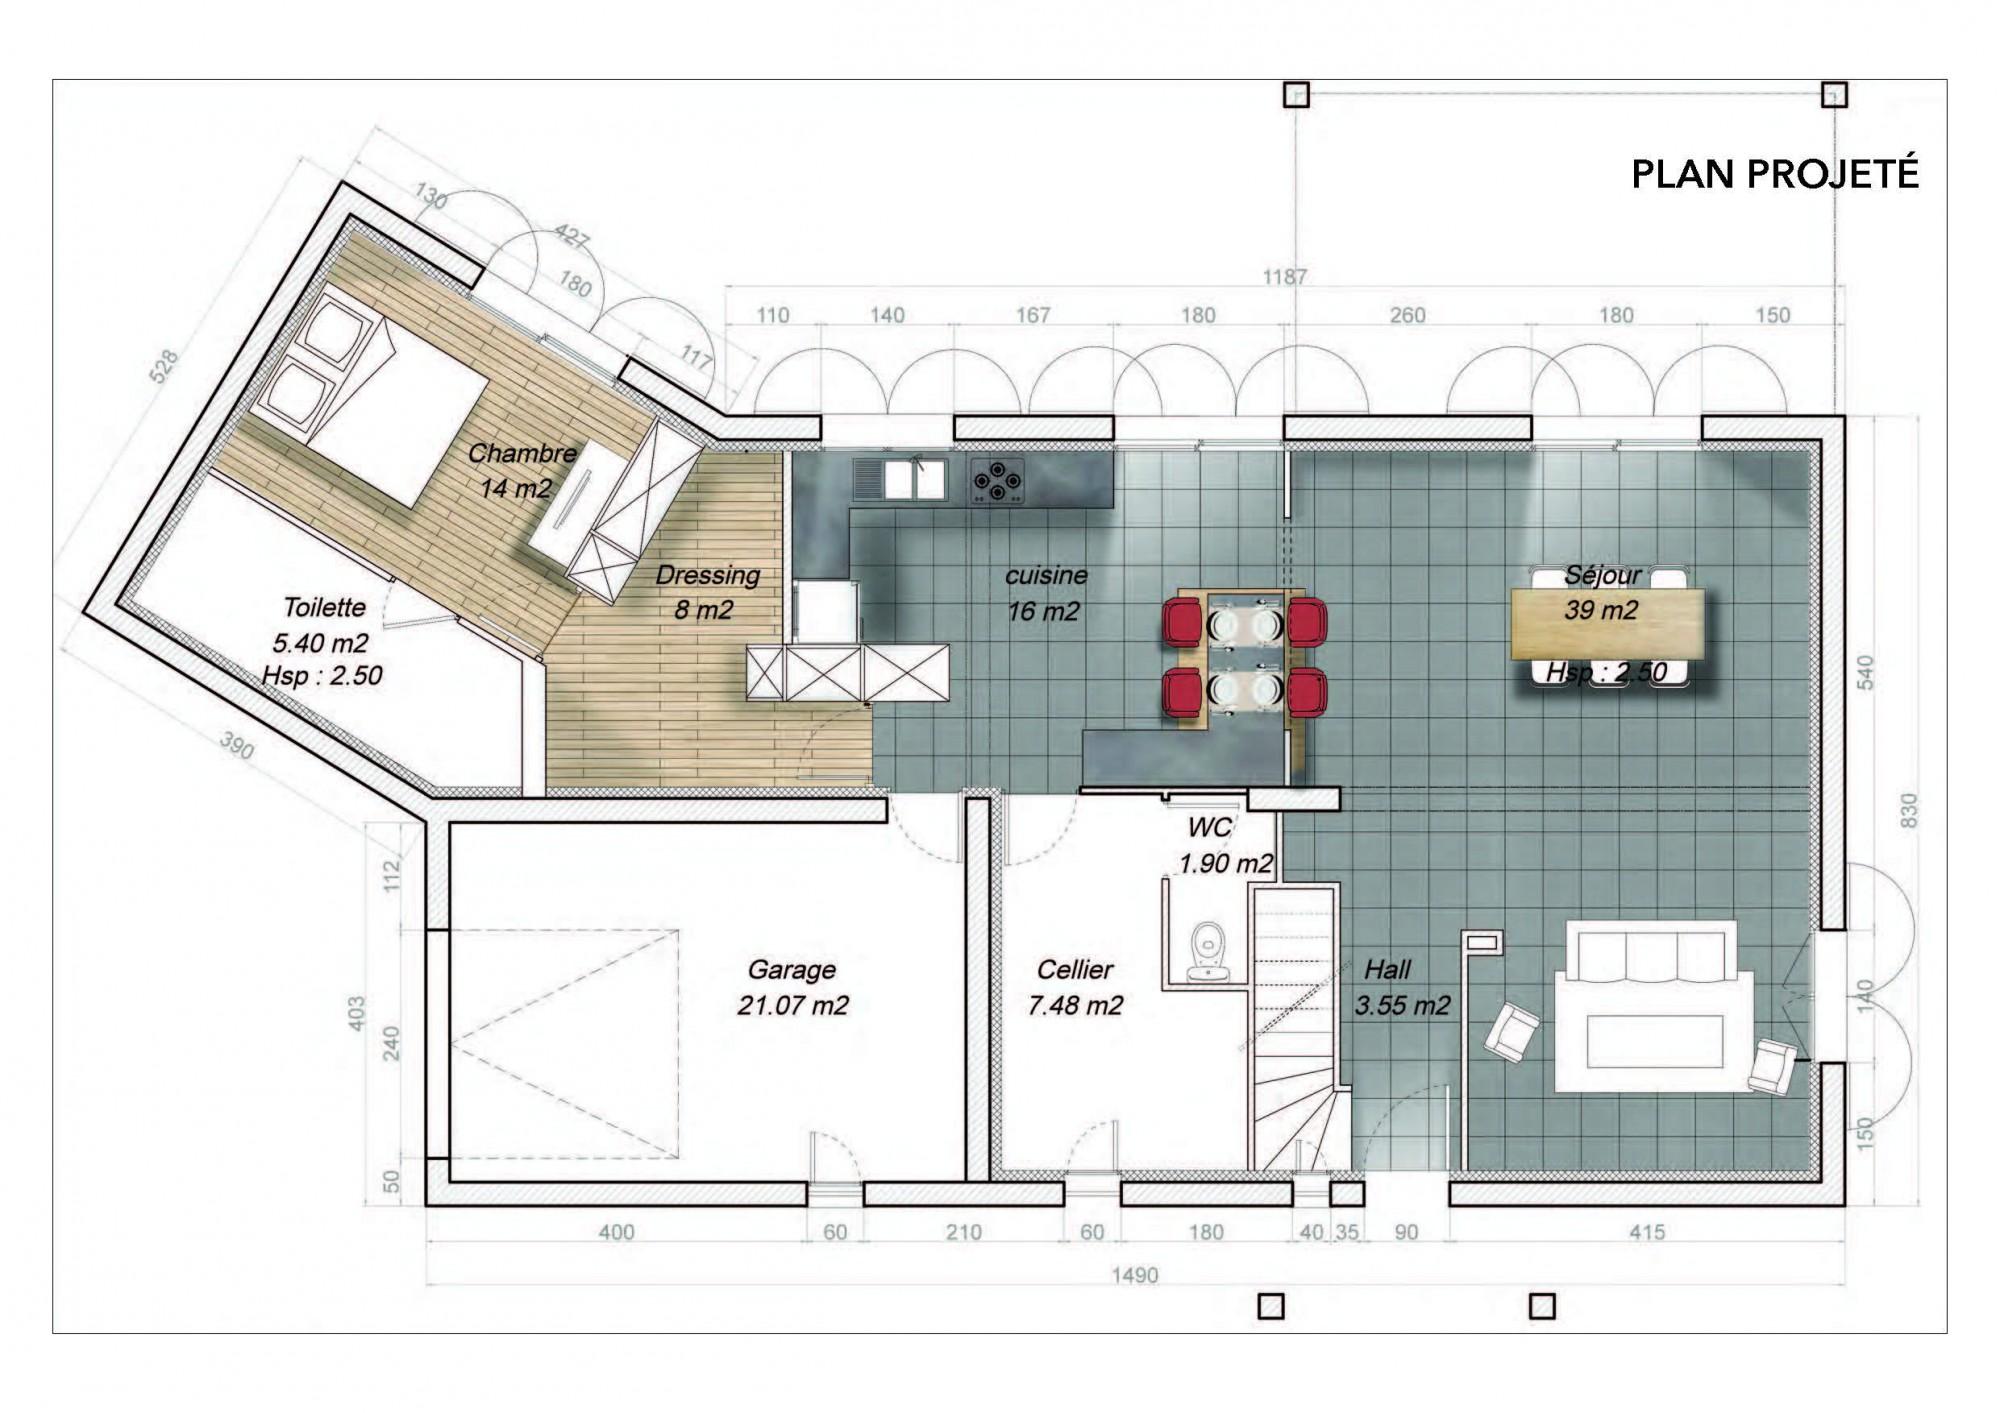 Am nagement d 39 une cuisine ouverte donz re realisations for Plan maison cuisine ouverte